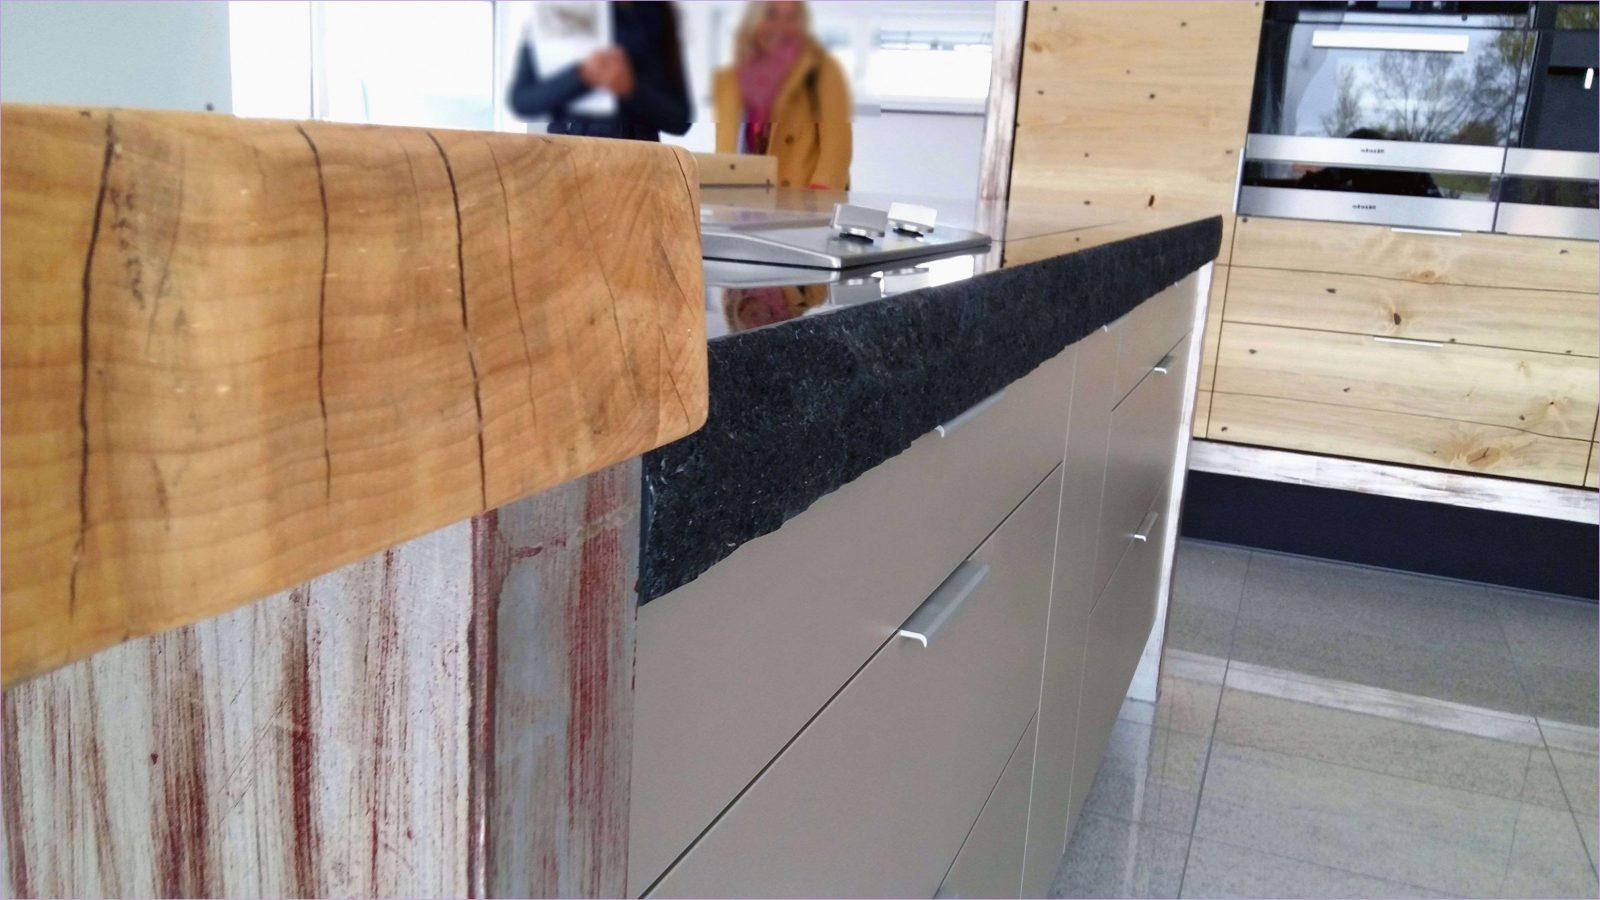 Werzalit Tischplatten F R Aussen  30 Eindeutig Werzalit von Werzalit Tischplatte Nach Maß Photo